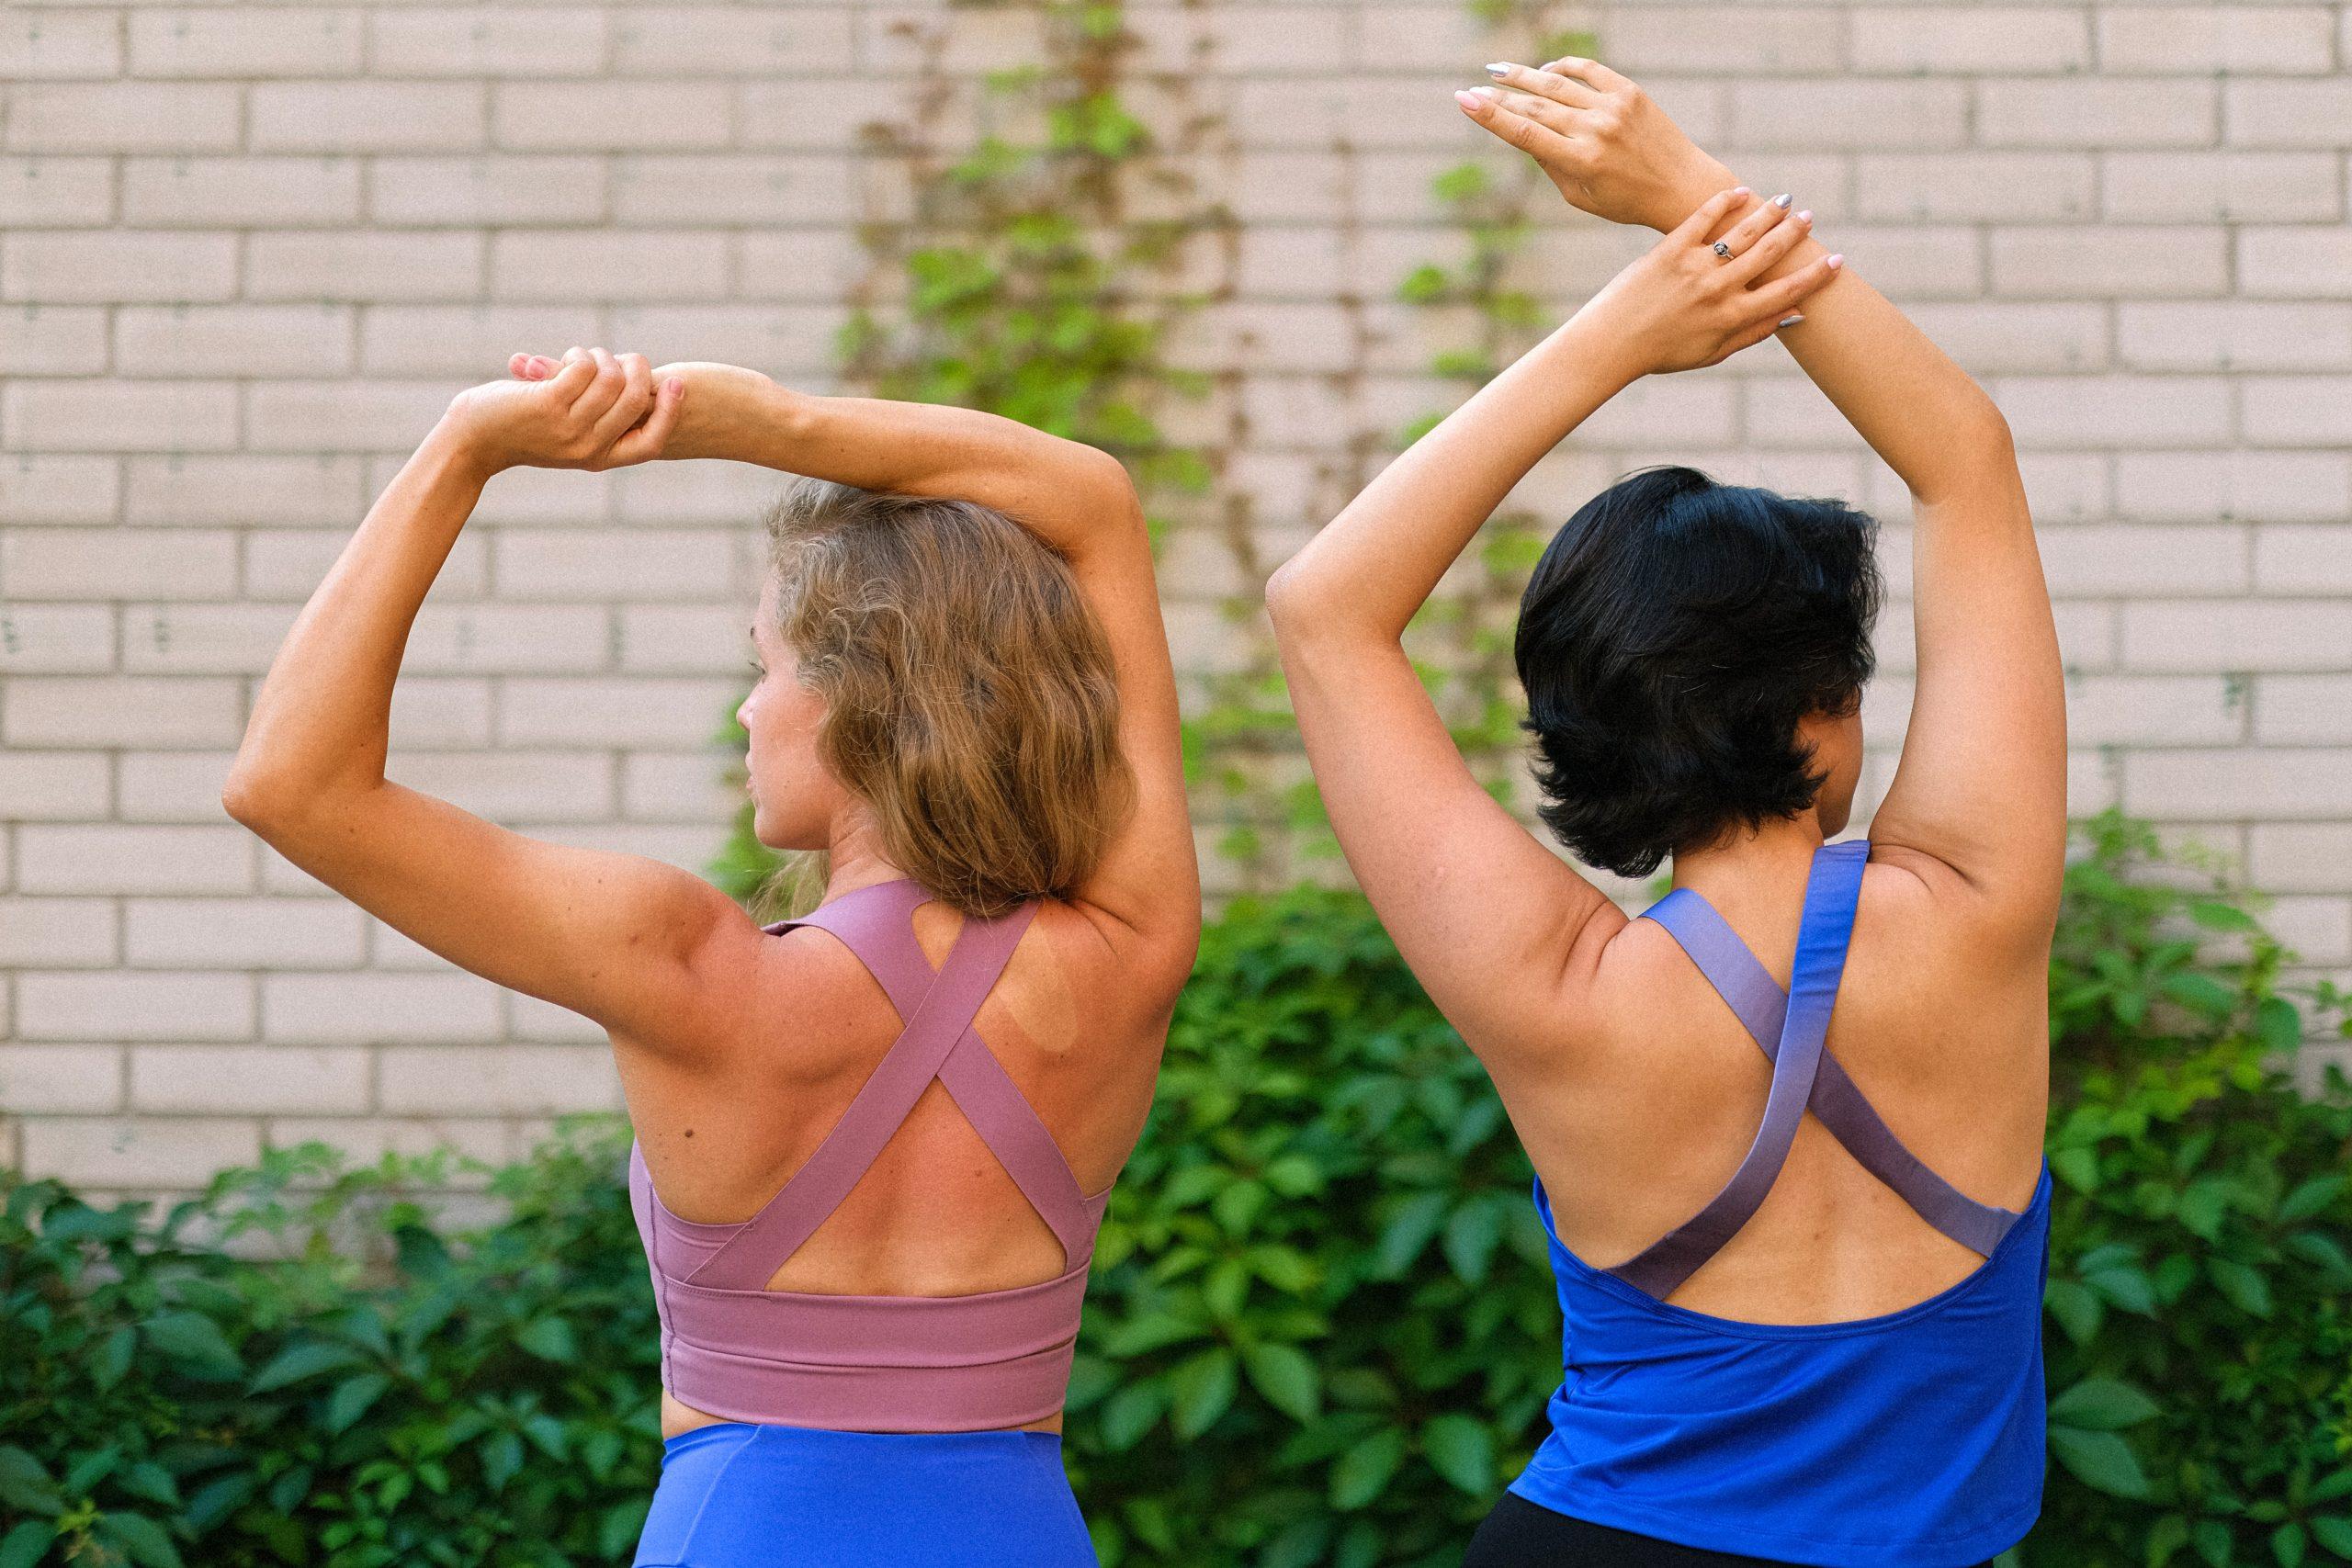 Imagem de duas mulheres de costas.